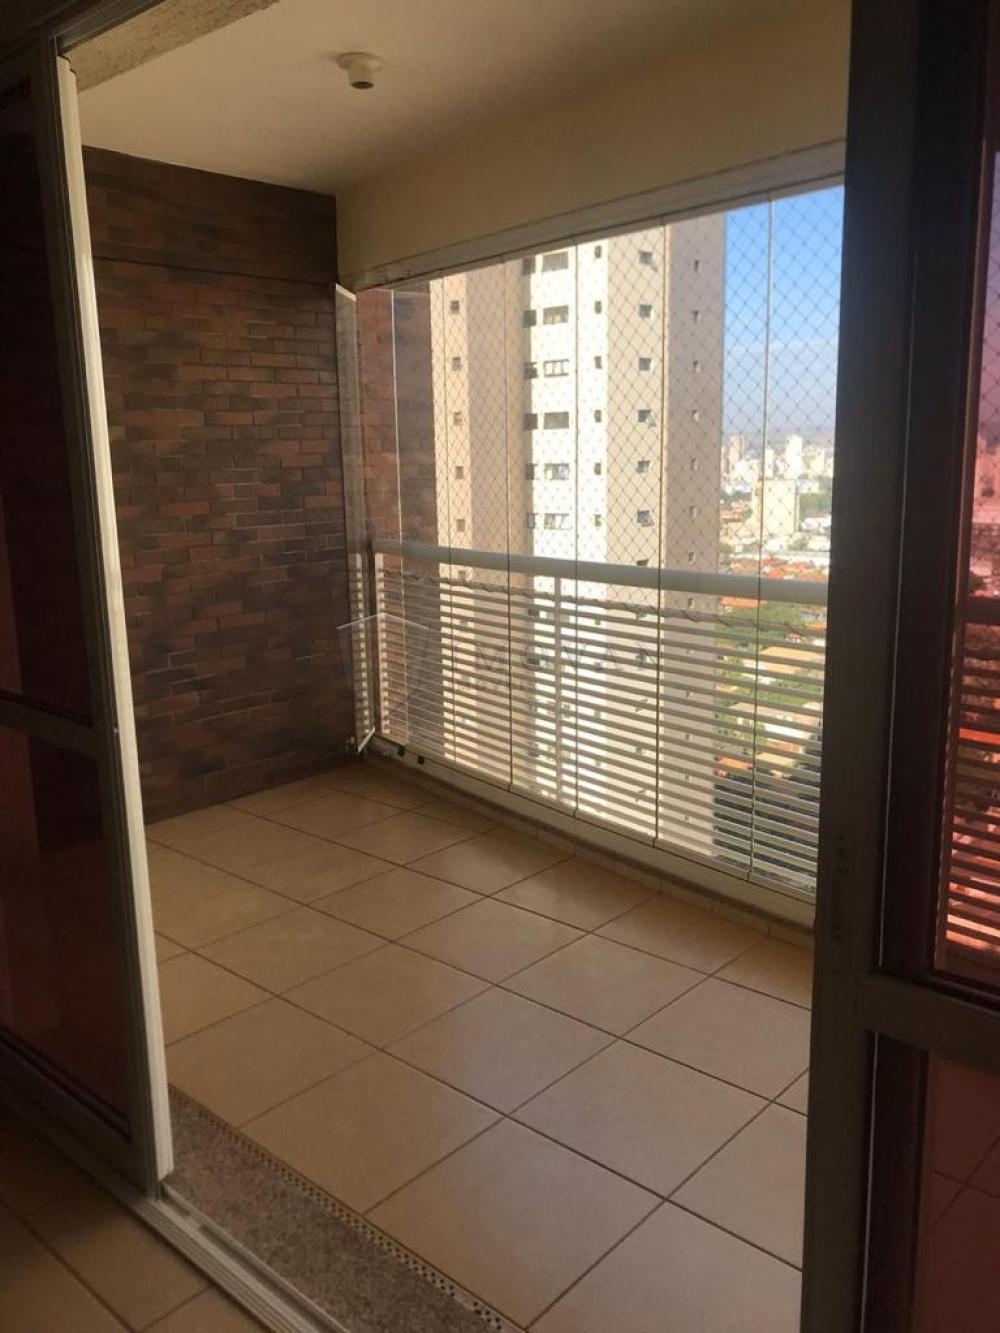 Comprar Apartamento / Padrão em Ribeirão Preto apenas R$ 790.000,00 - Foto 7